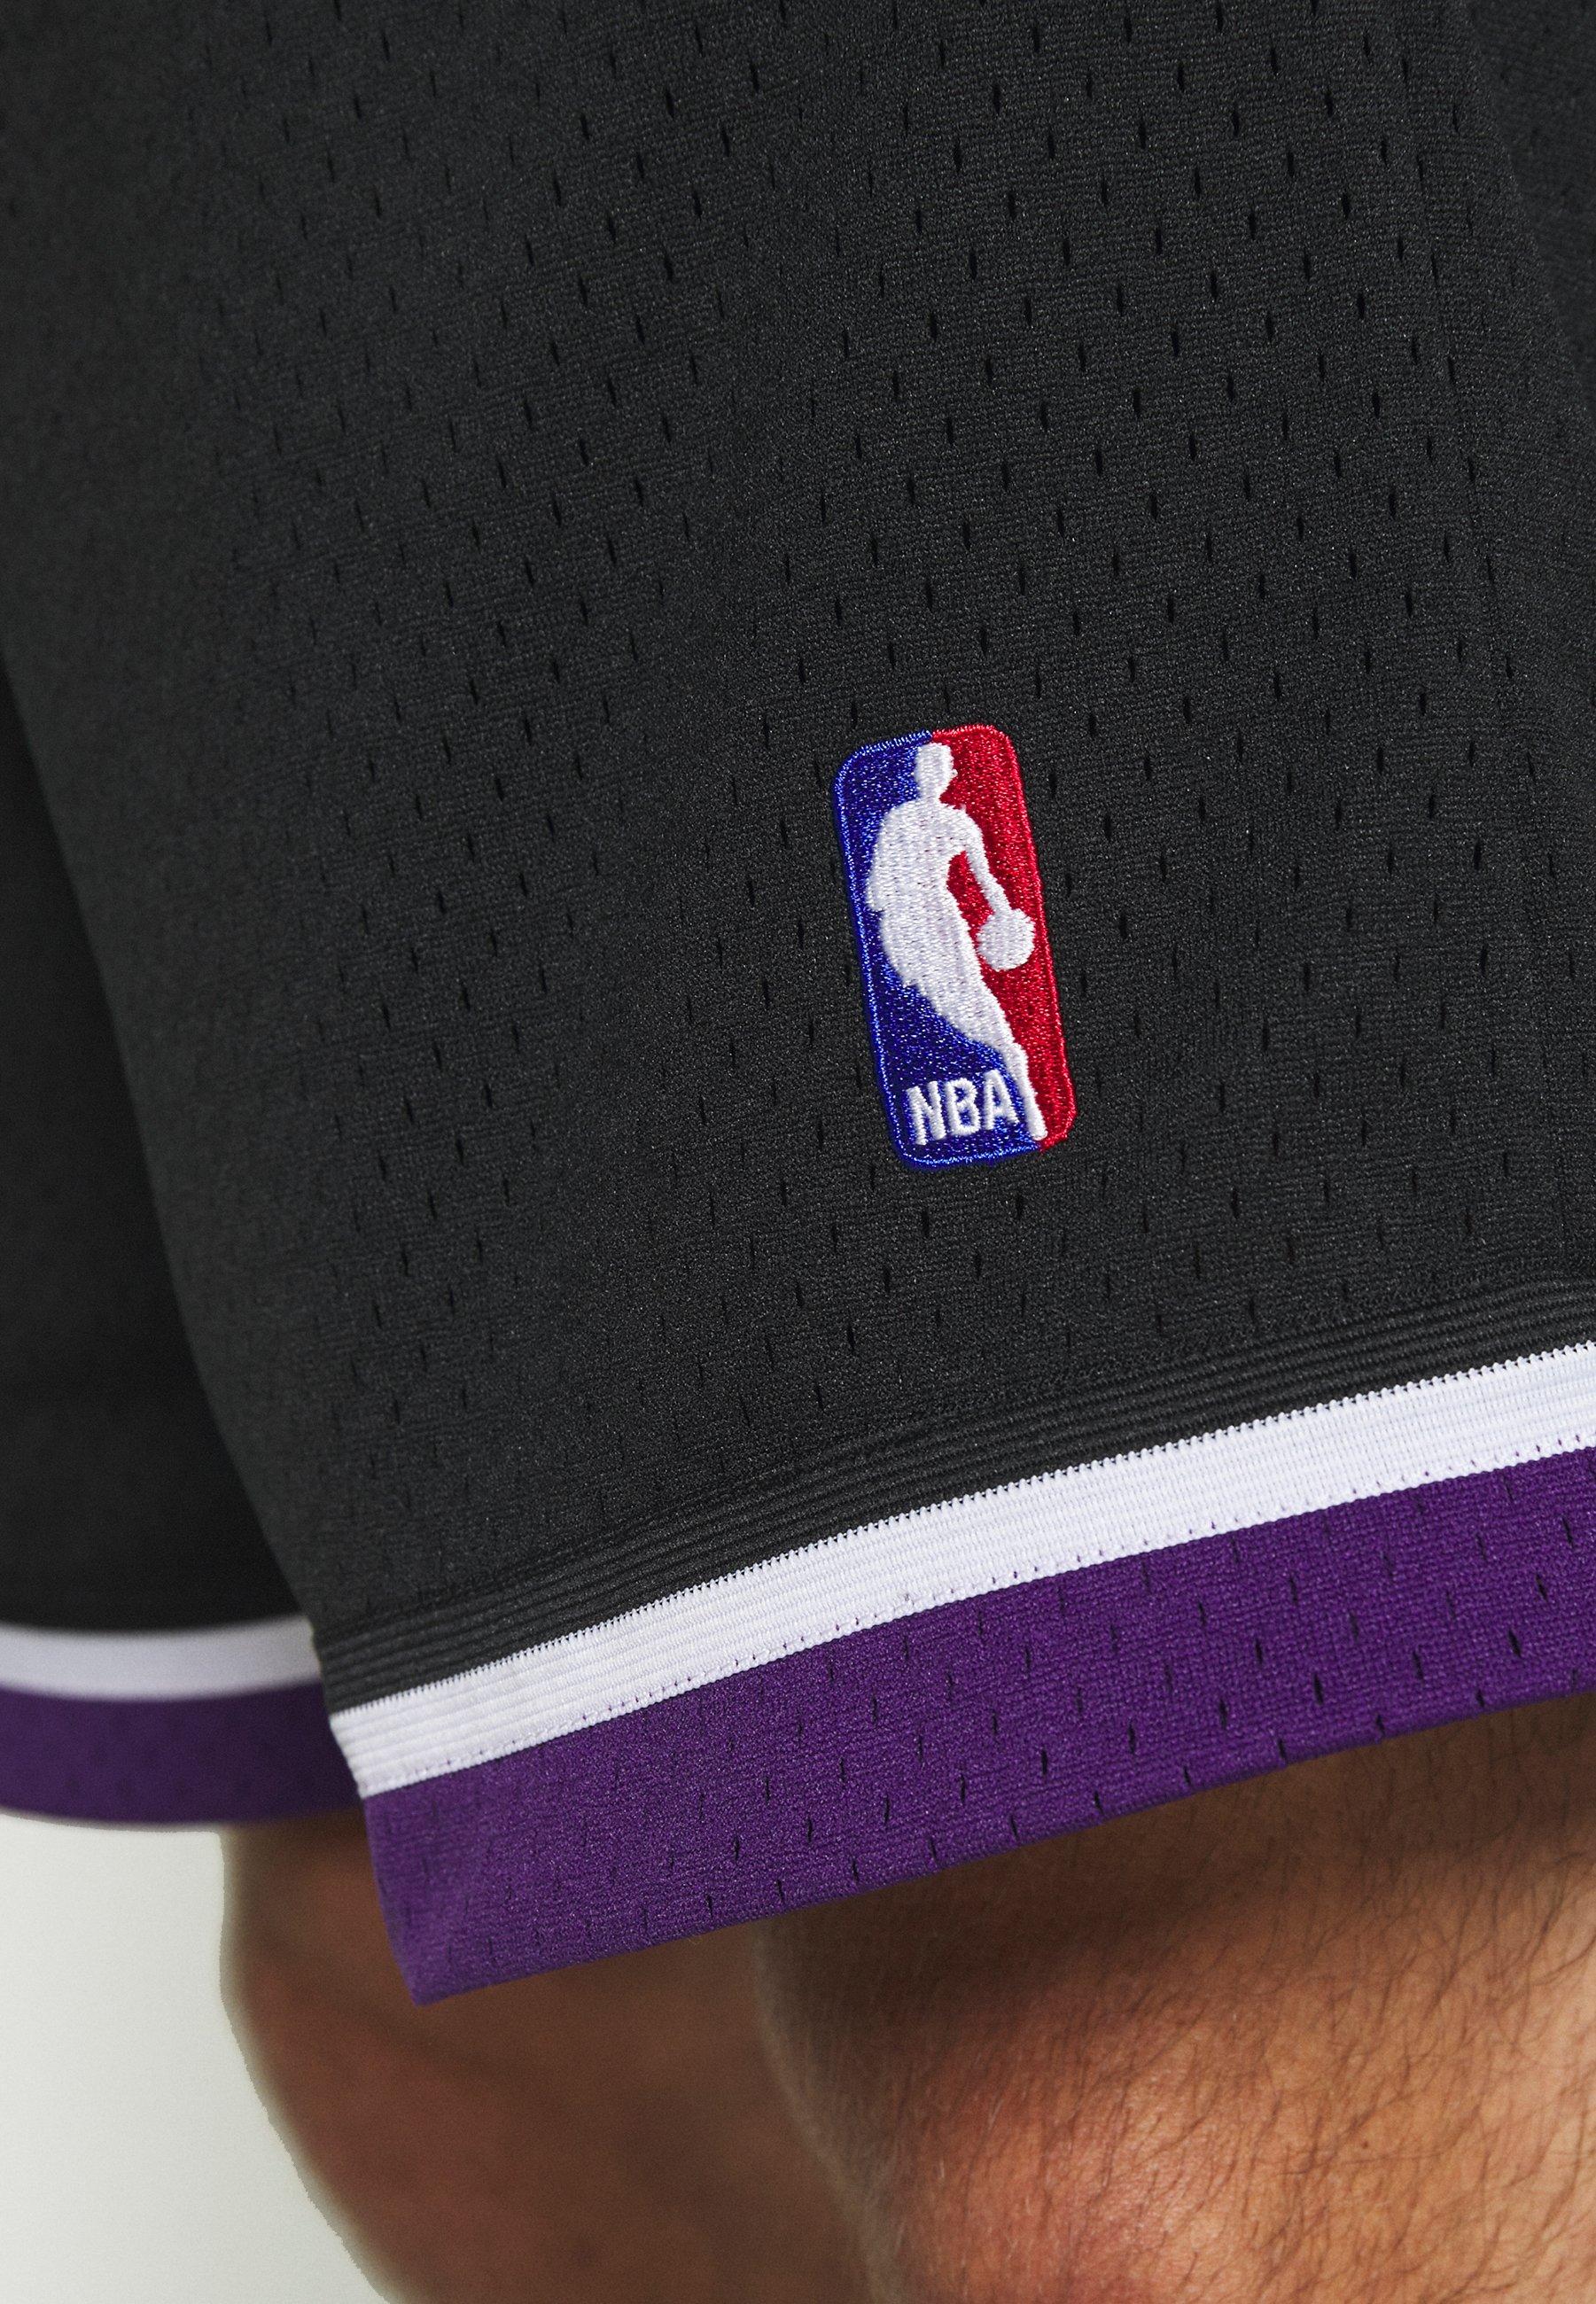 Auténtico Ropa de hombre Mitchell & Ness NBA SWINGMAN SHORTS SACRAMENTO KINGS Pantalón corto de deporte black uwoG5a